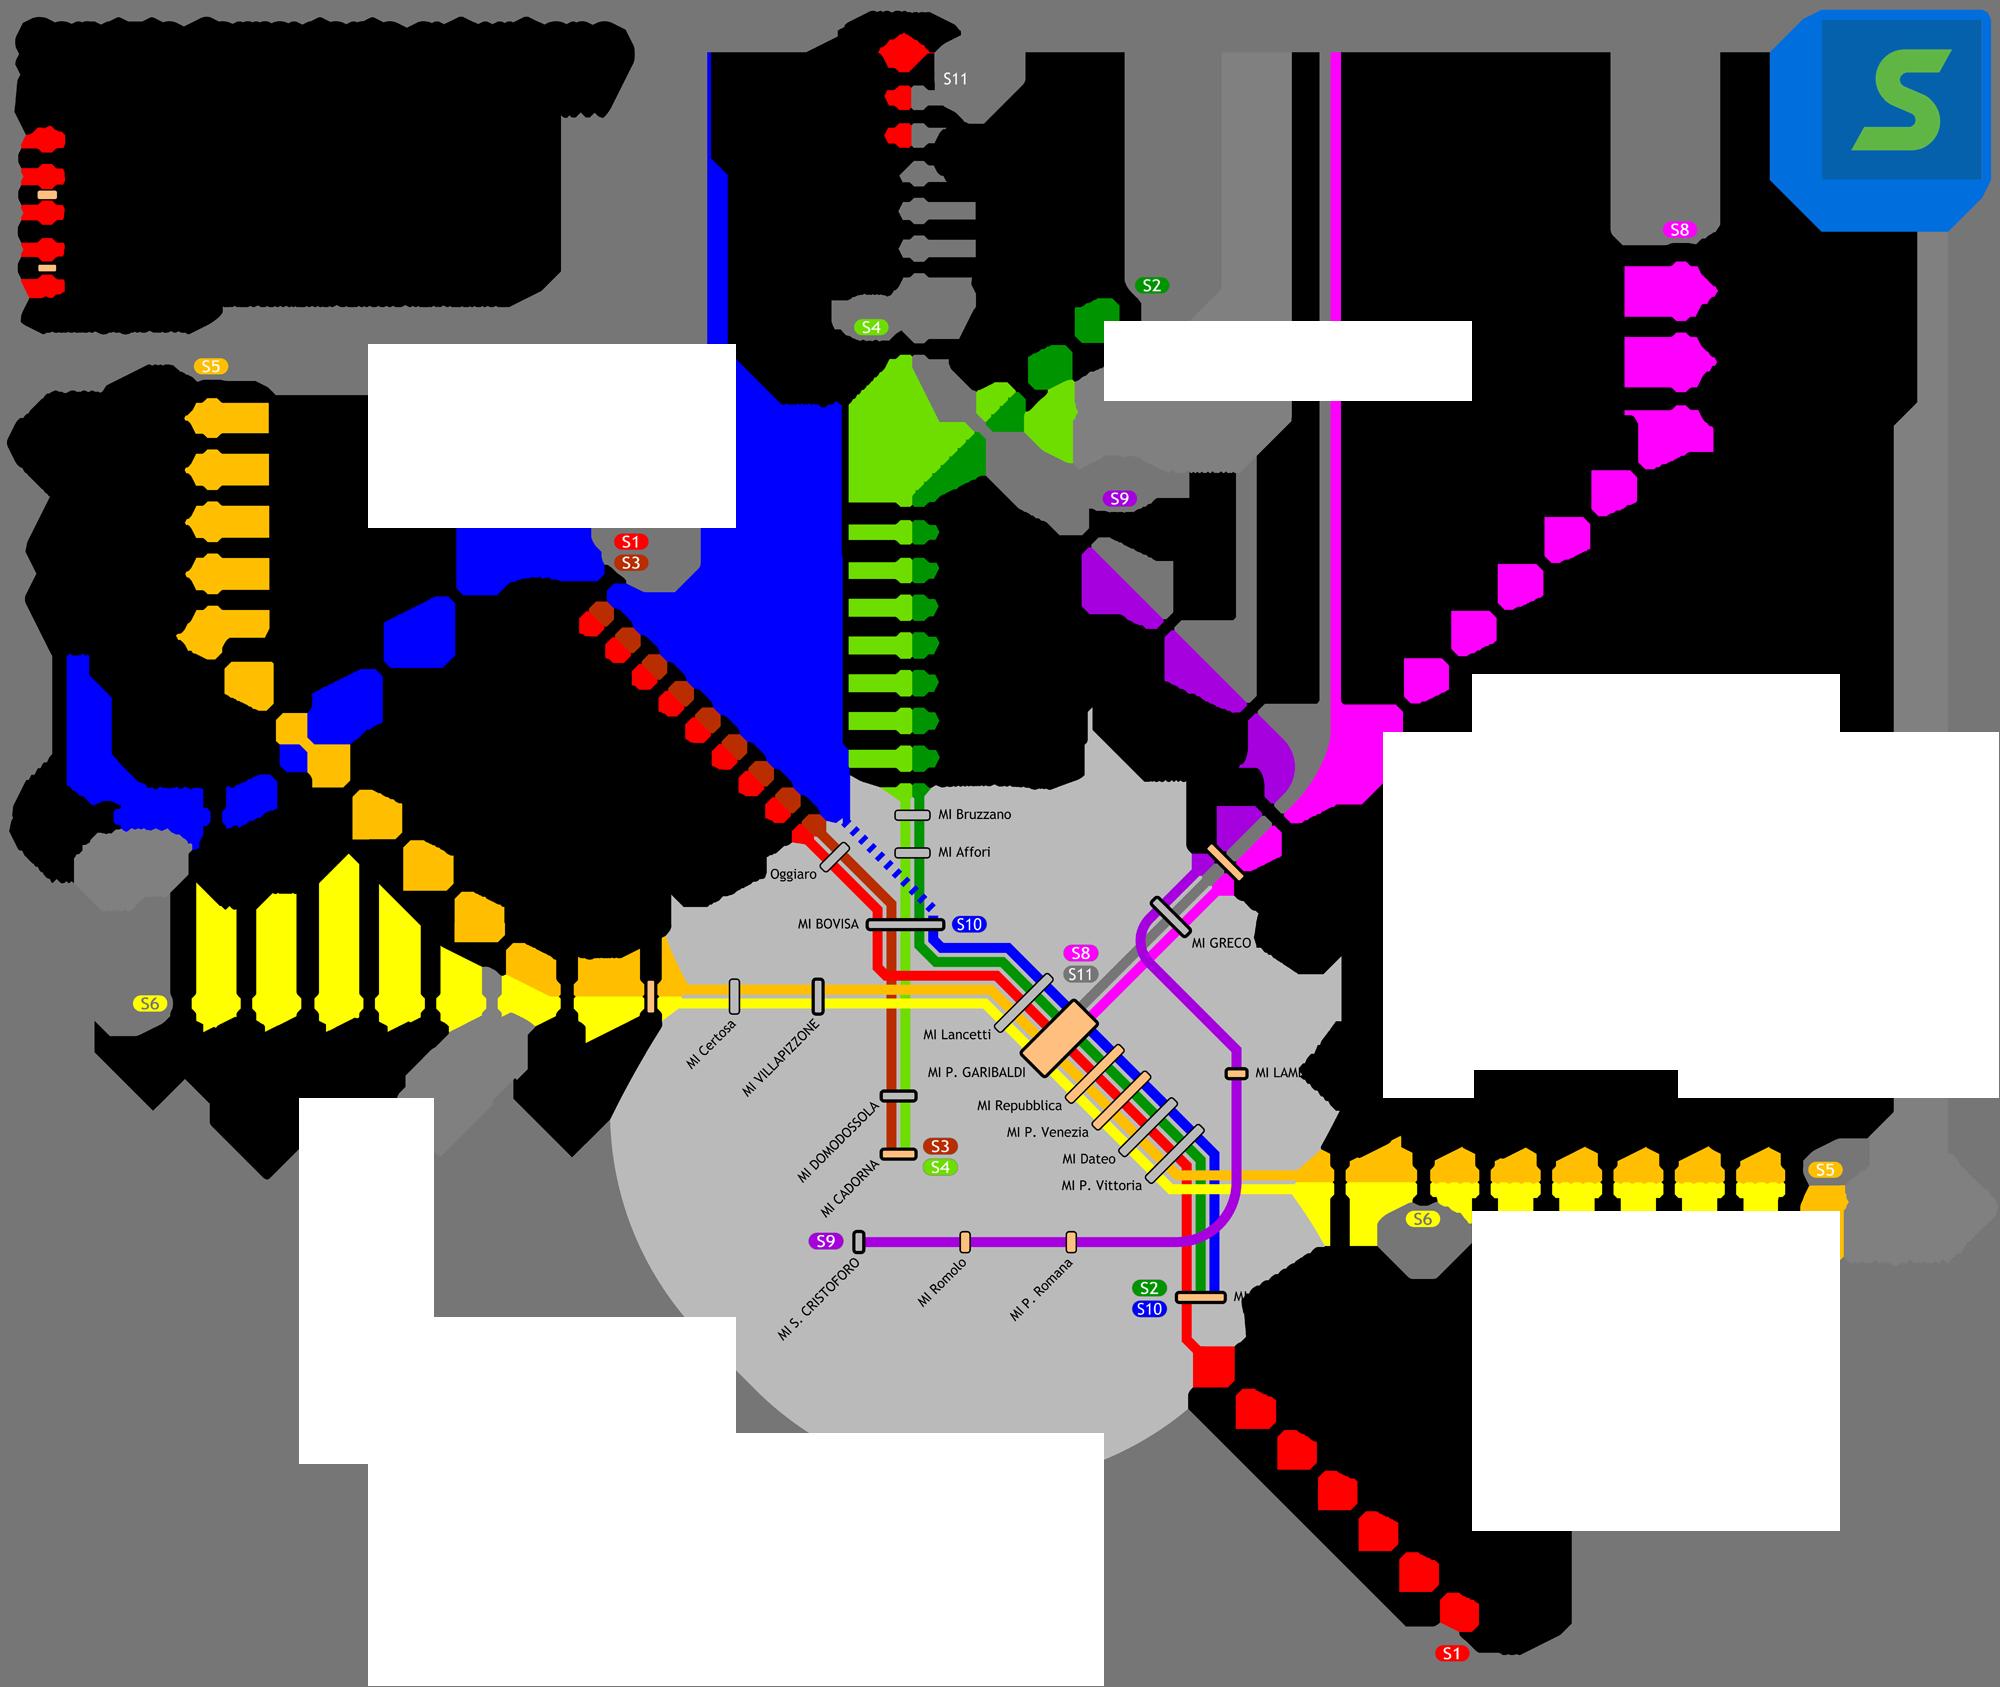 File linee s milano 2010 wikimedia commons - Milano porta garibaldi passante mappa ...